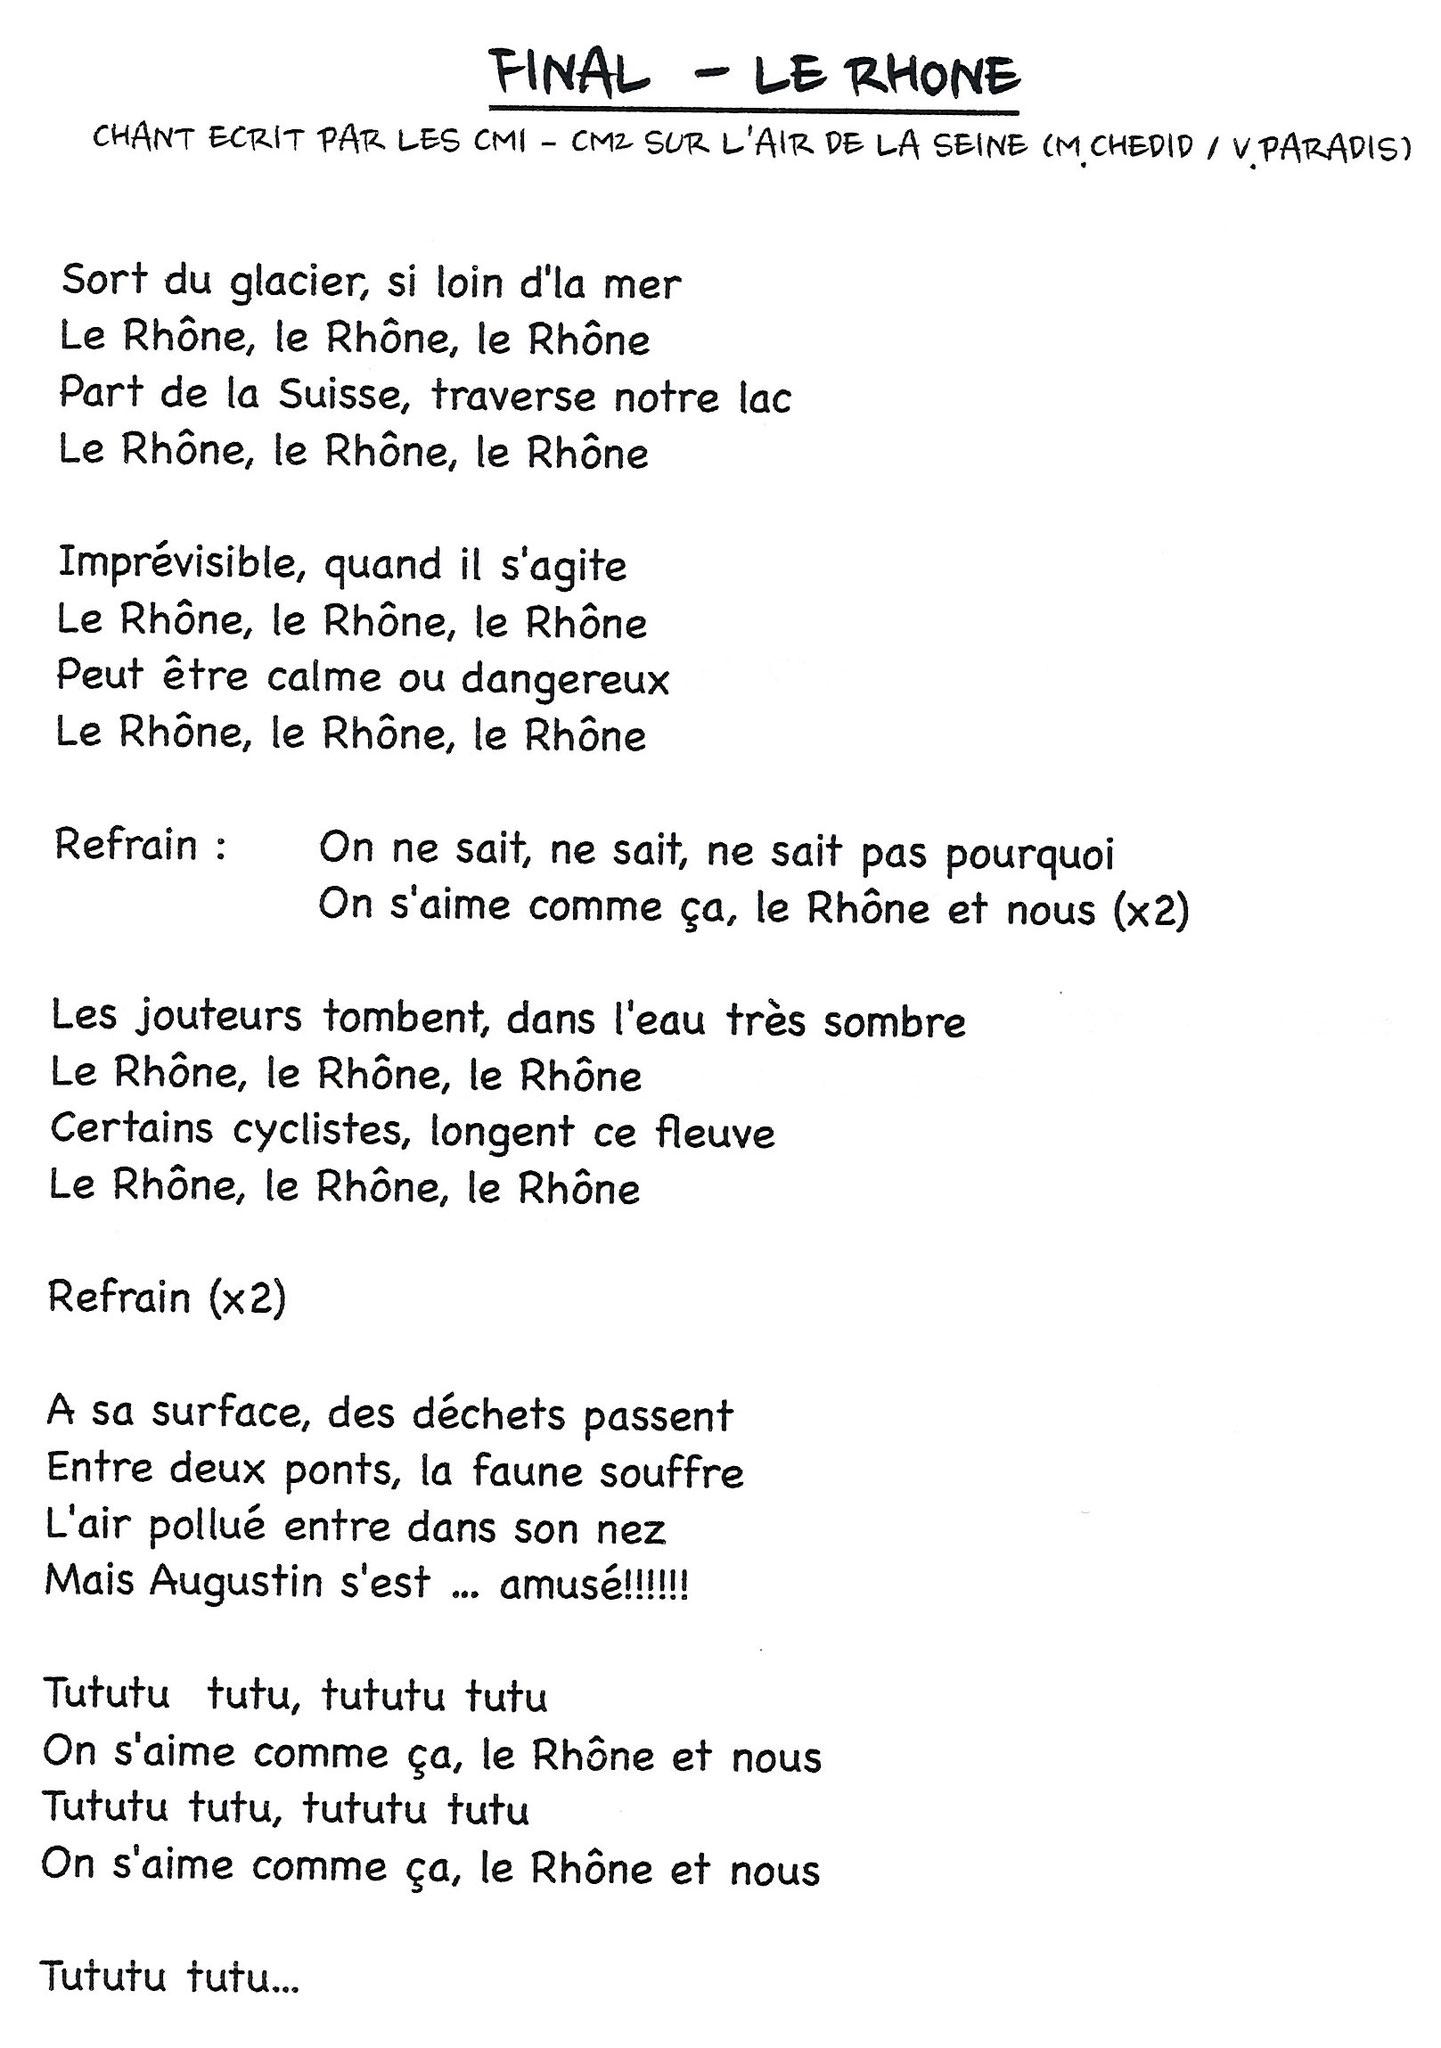 Le Rhône, le Rhône, le Rhône